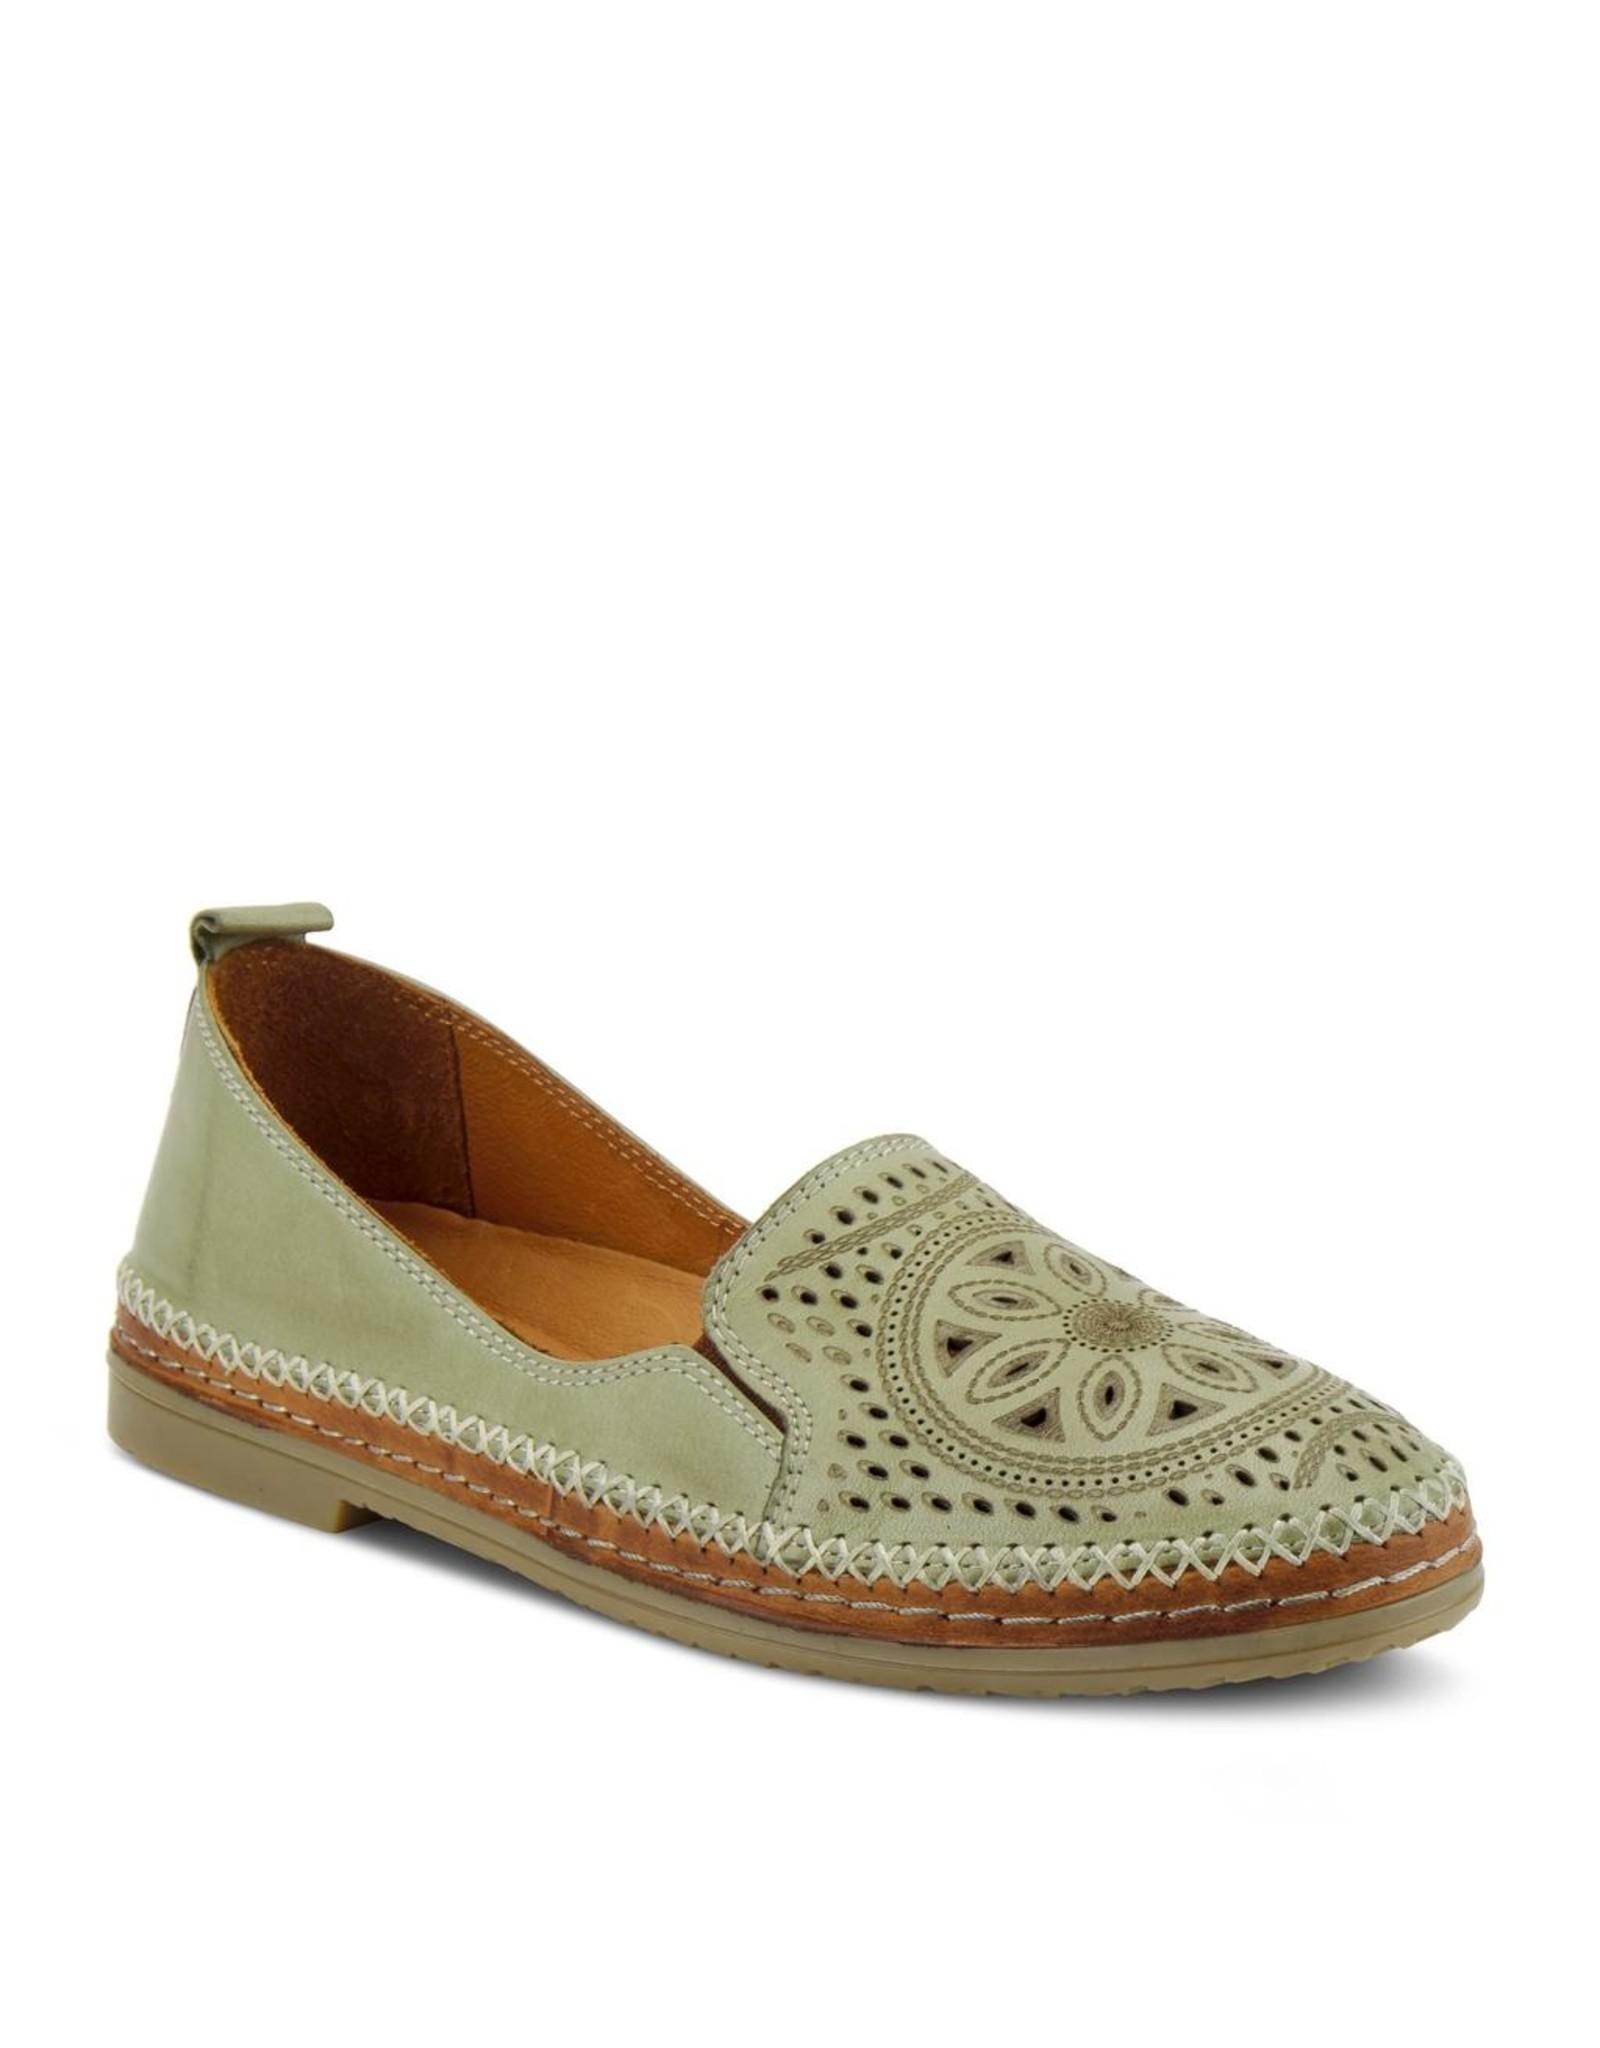 Ingrid Leather Slip On Shoe